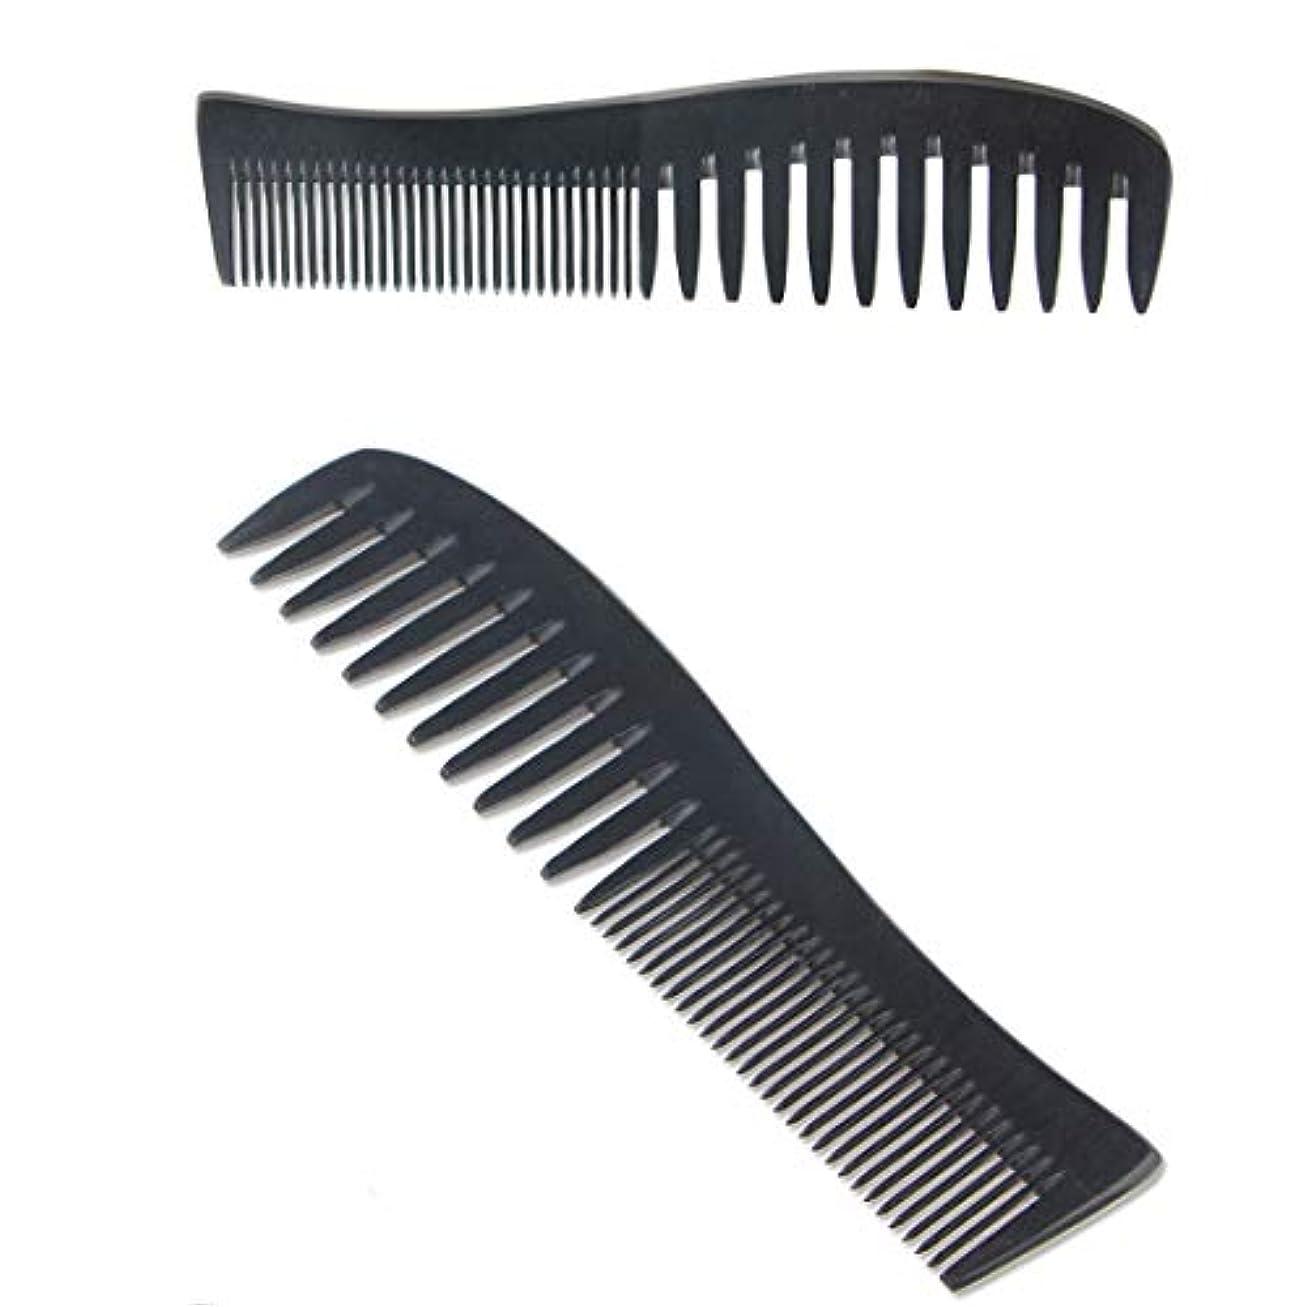 発生器ビデオ極小WASAIO 手作りの木製くし抗静的カーリーストレートヘアブラシは、頭皮と髪の健康ファインワイド歯2PCSのに適したブラシ (色 : 2Pcs)